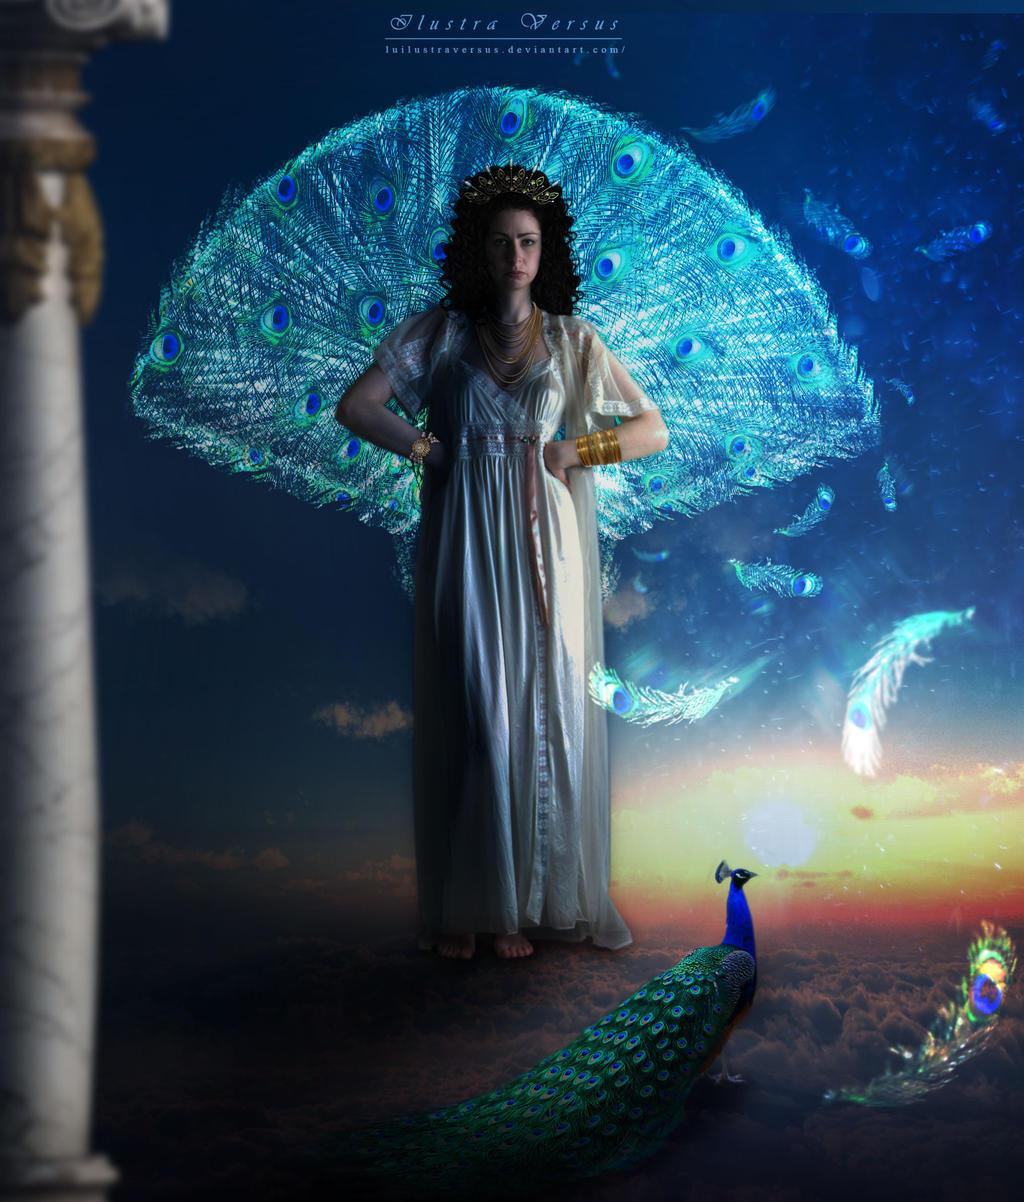 Hera by LuIlustraVersus